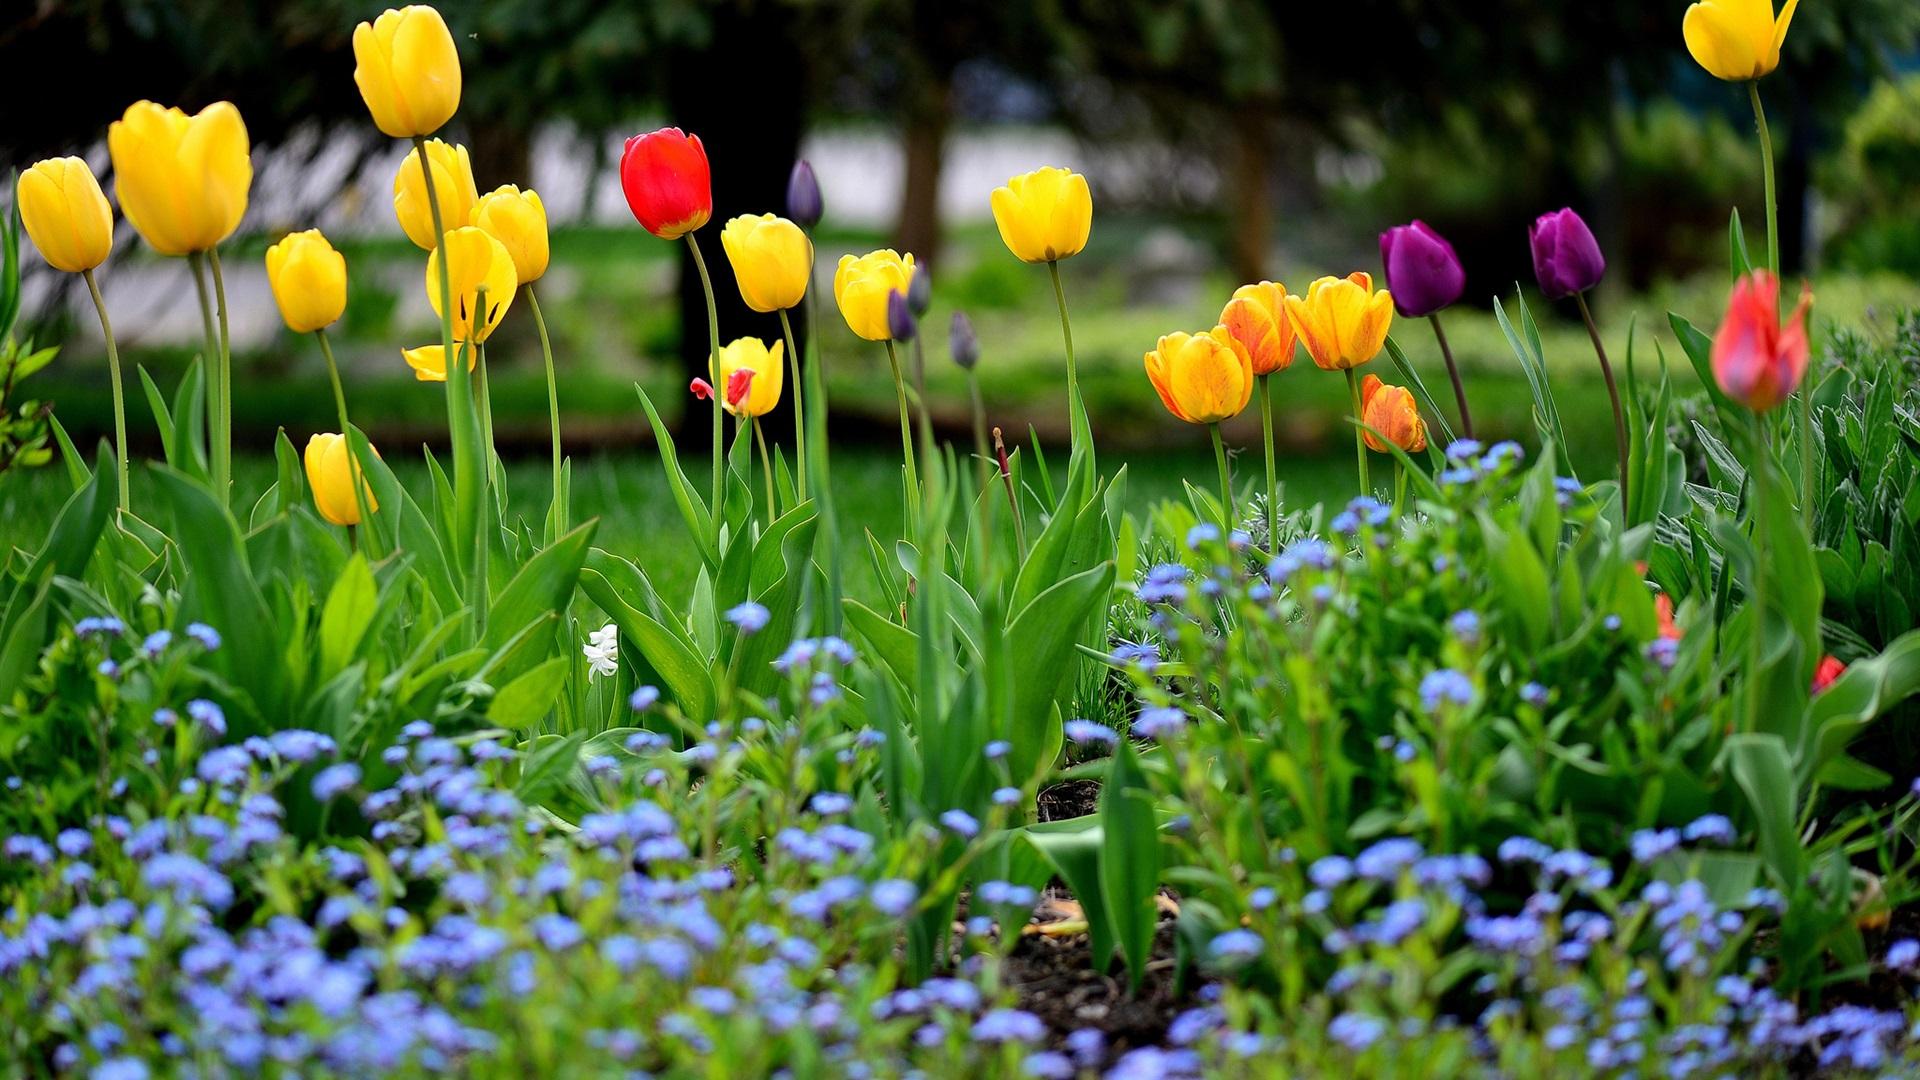 Jard n de flores primavera tulipanes amarillo rojo for Jardines de primavera